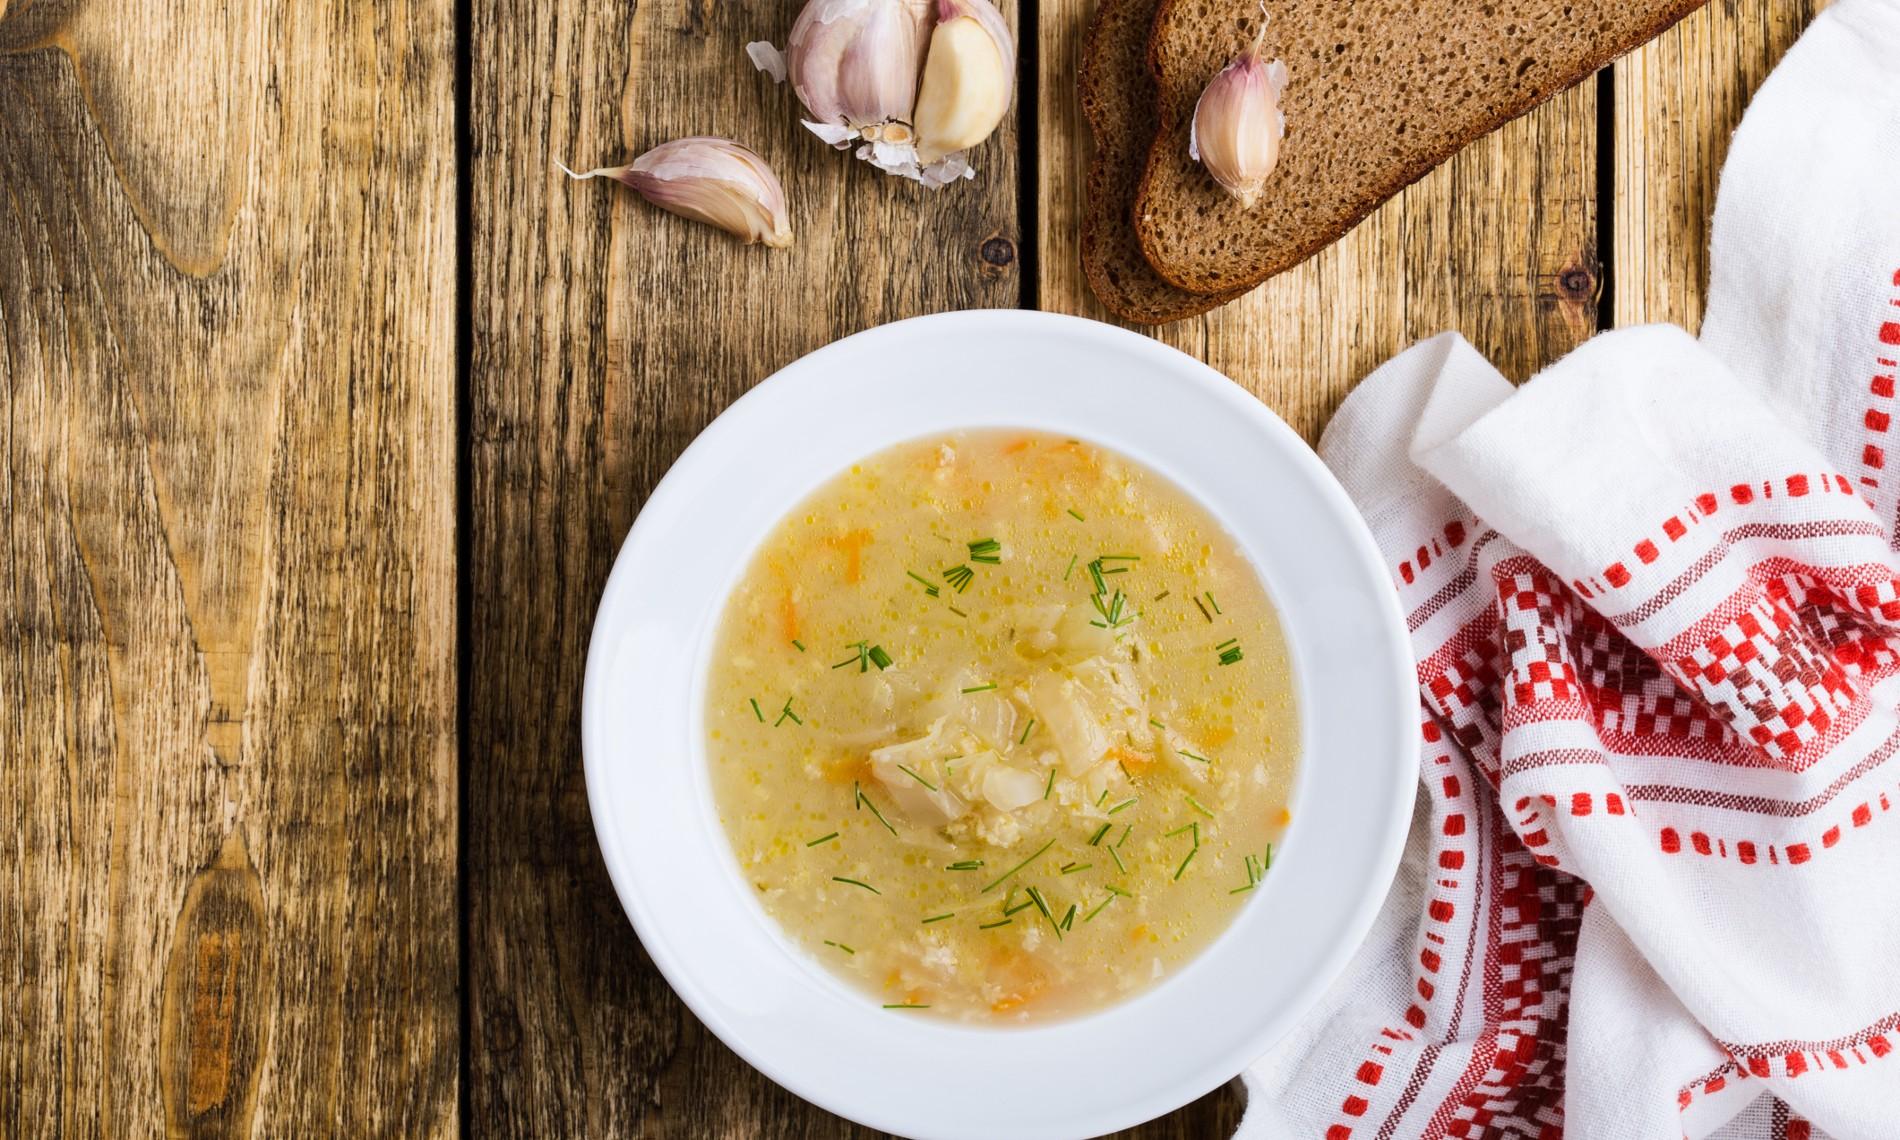 perdre du poids recette de soupe aux choux